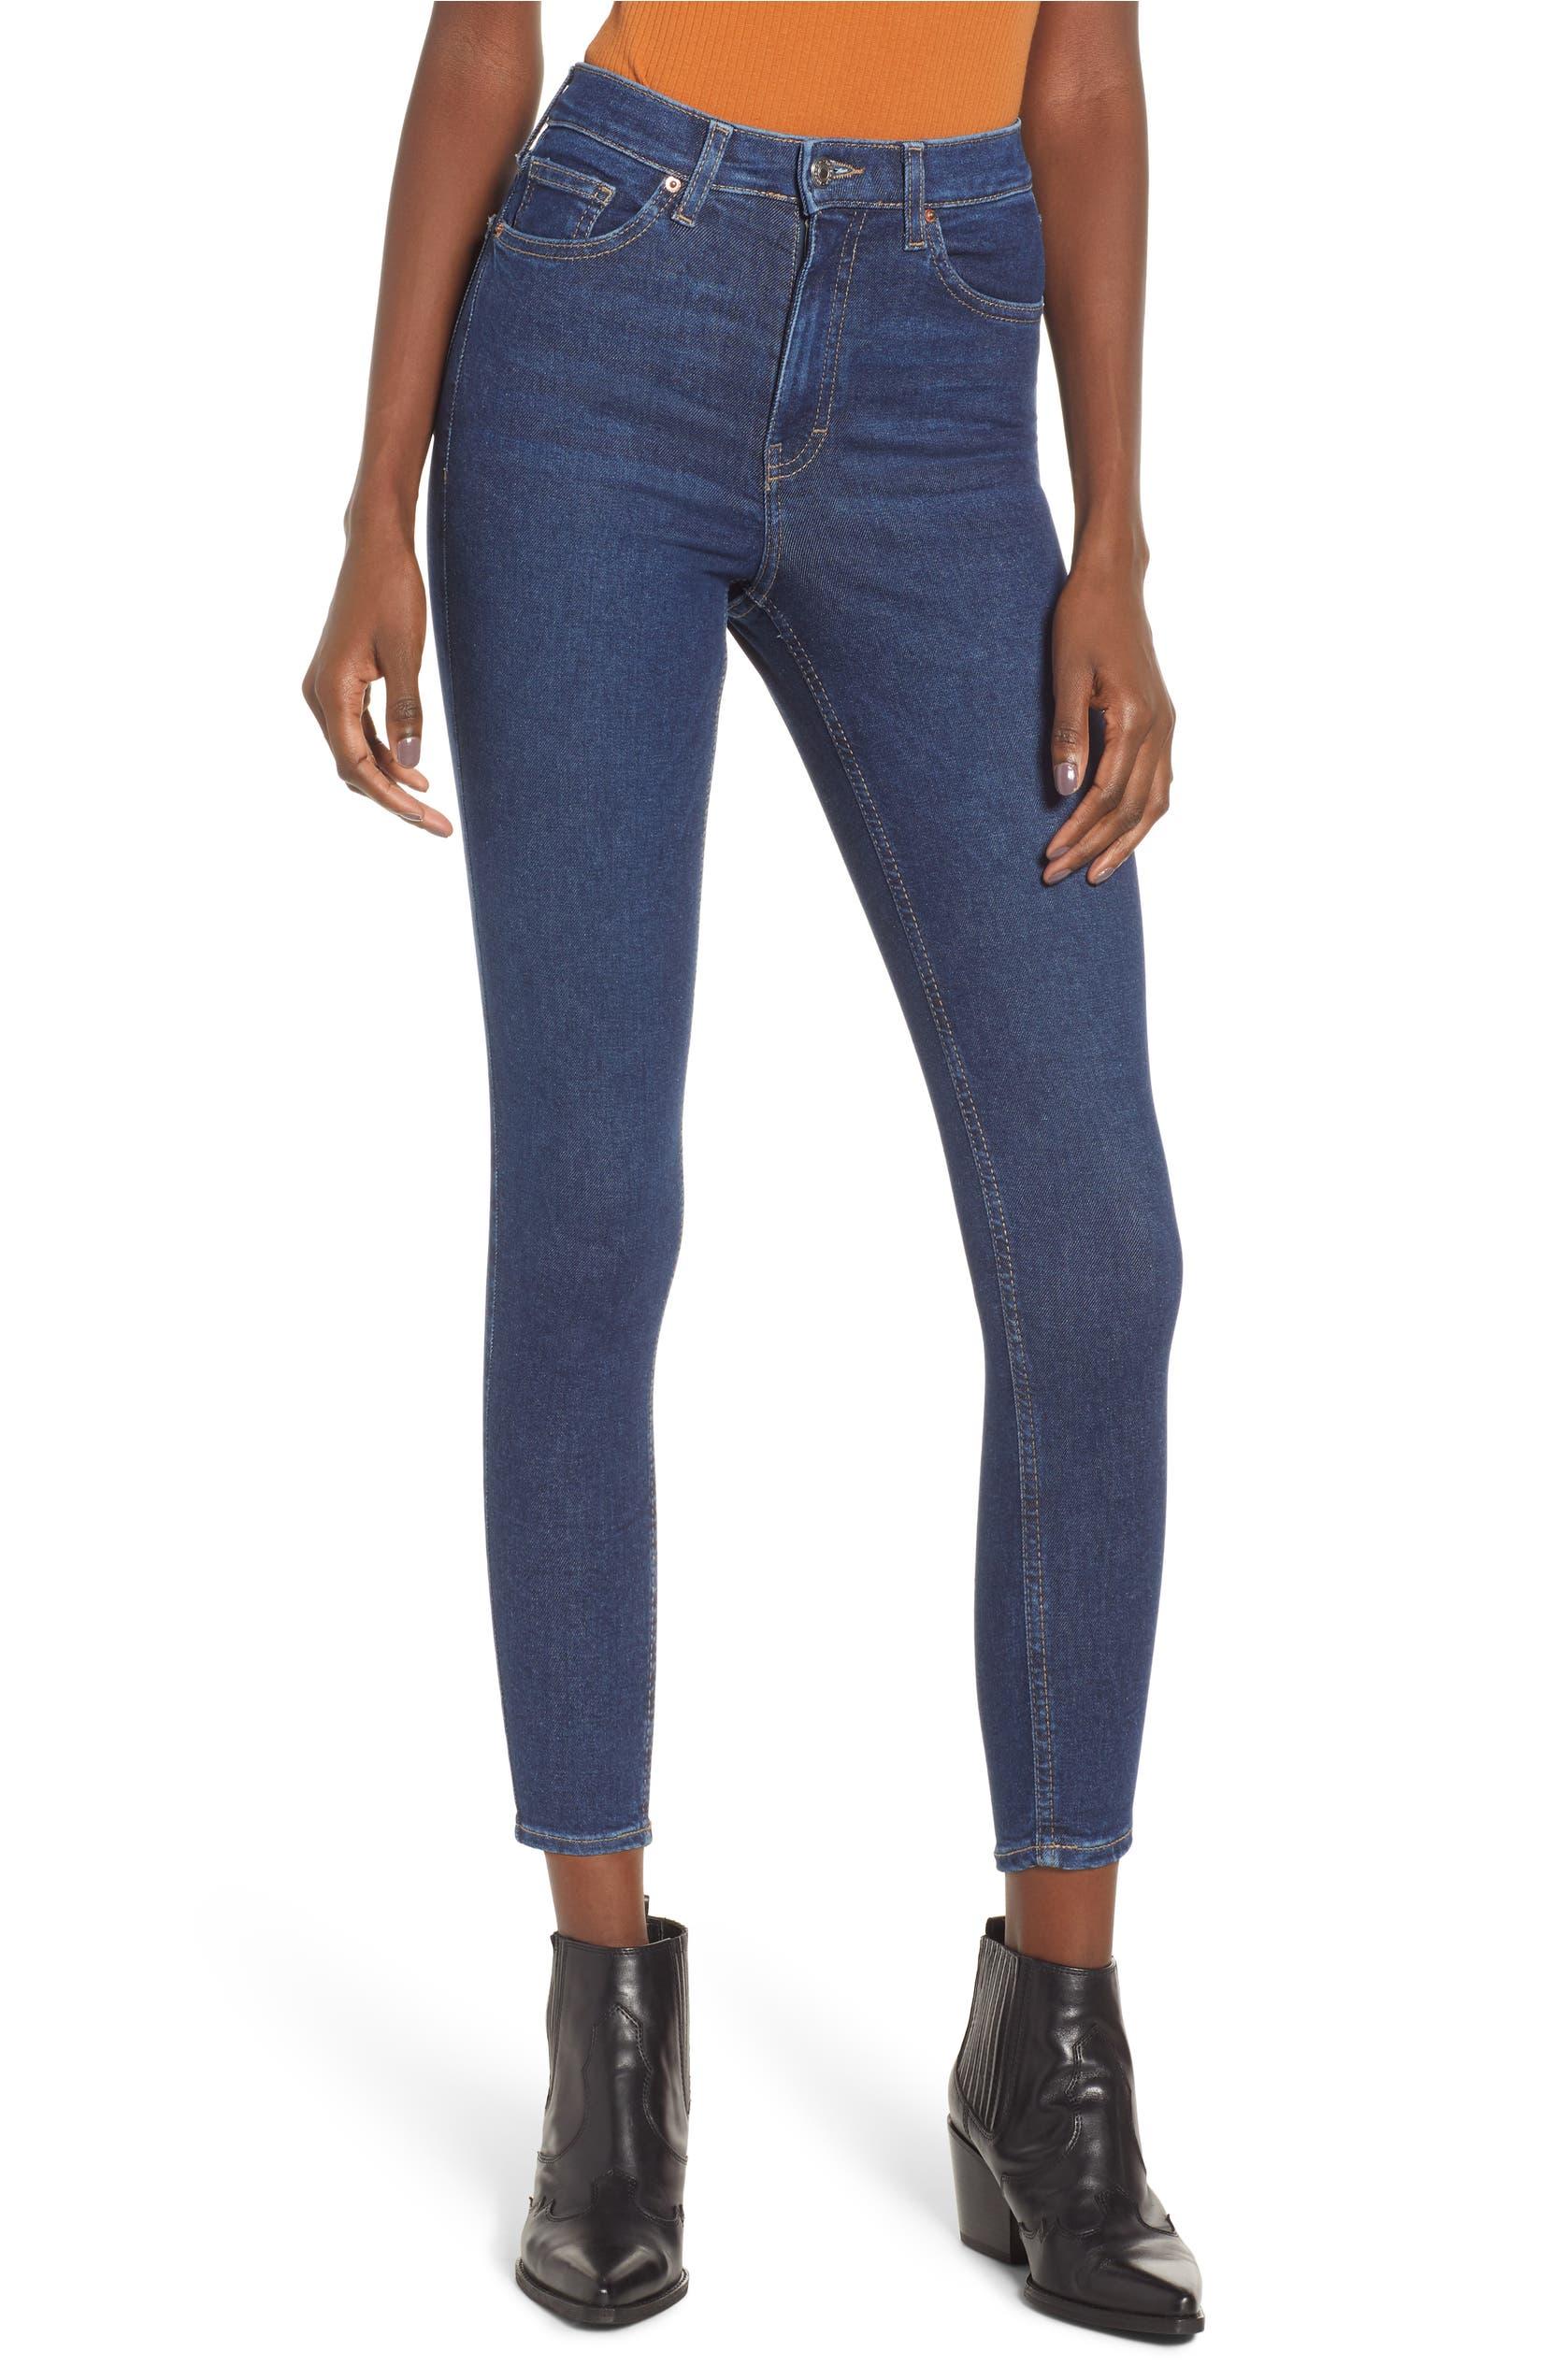 moto jamie jeans